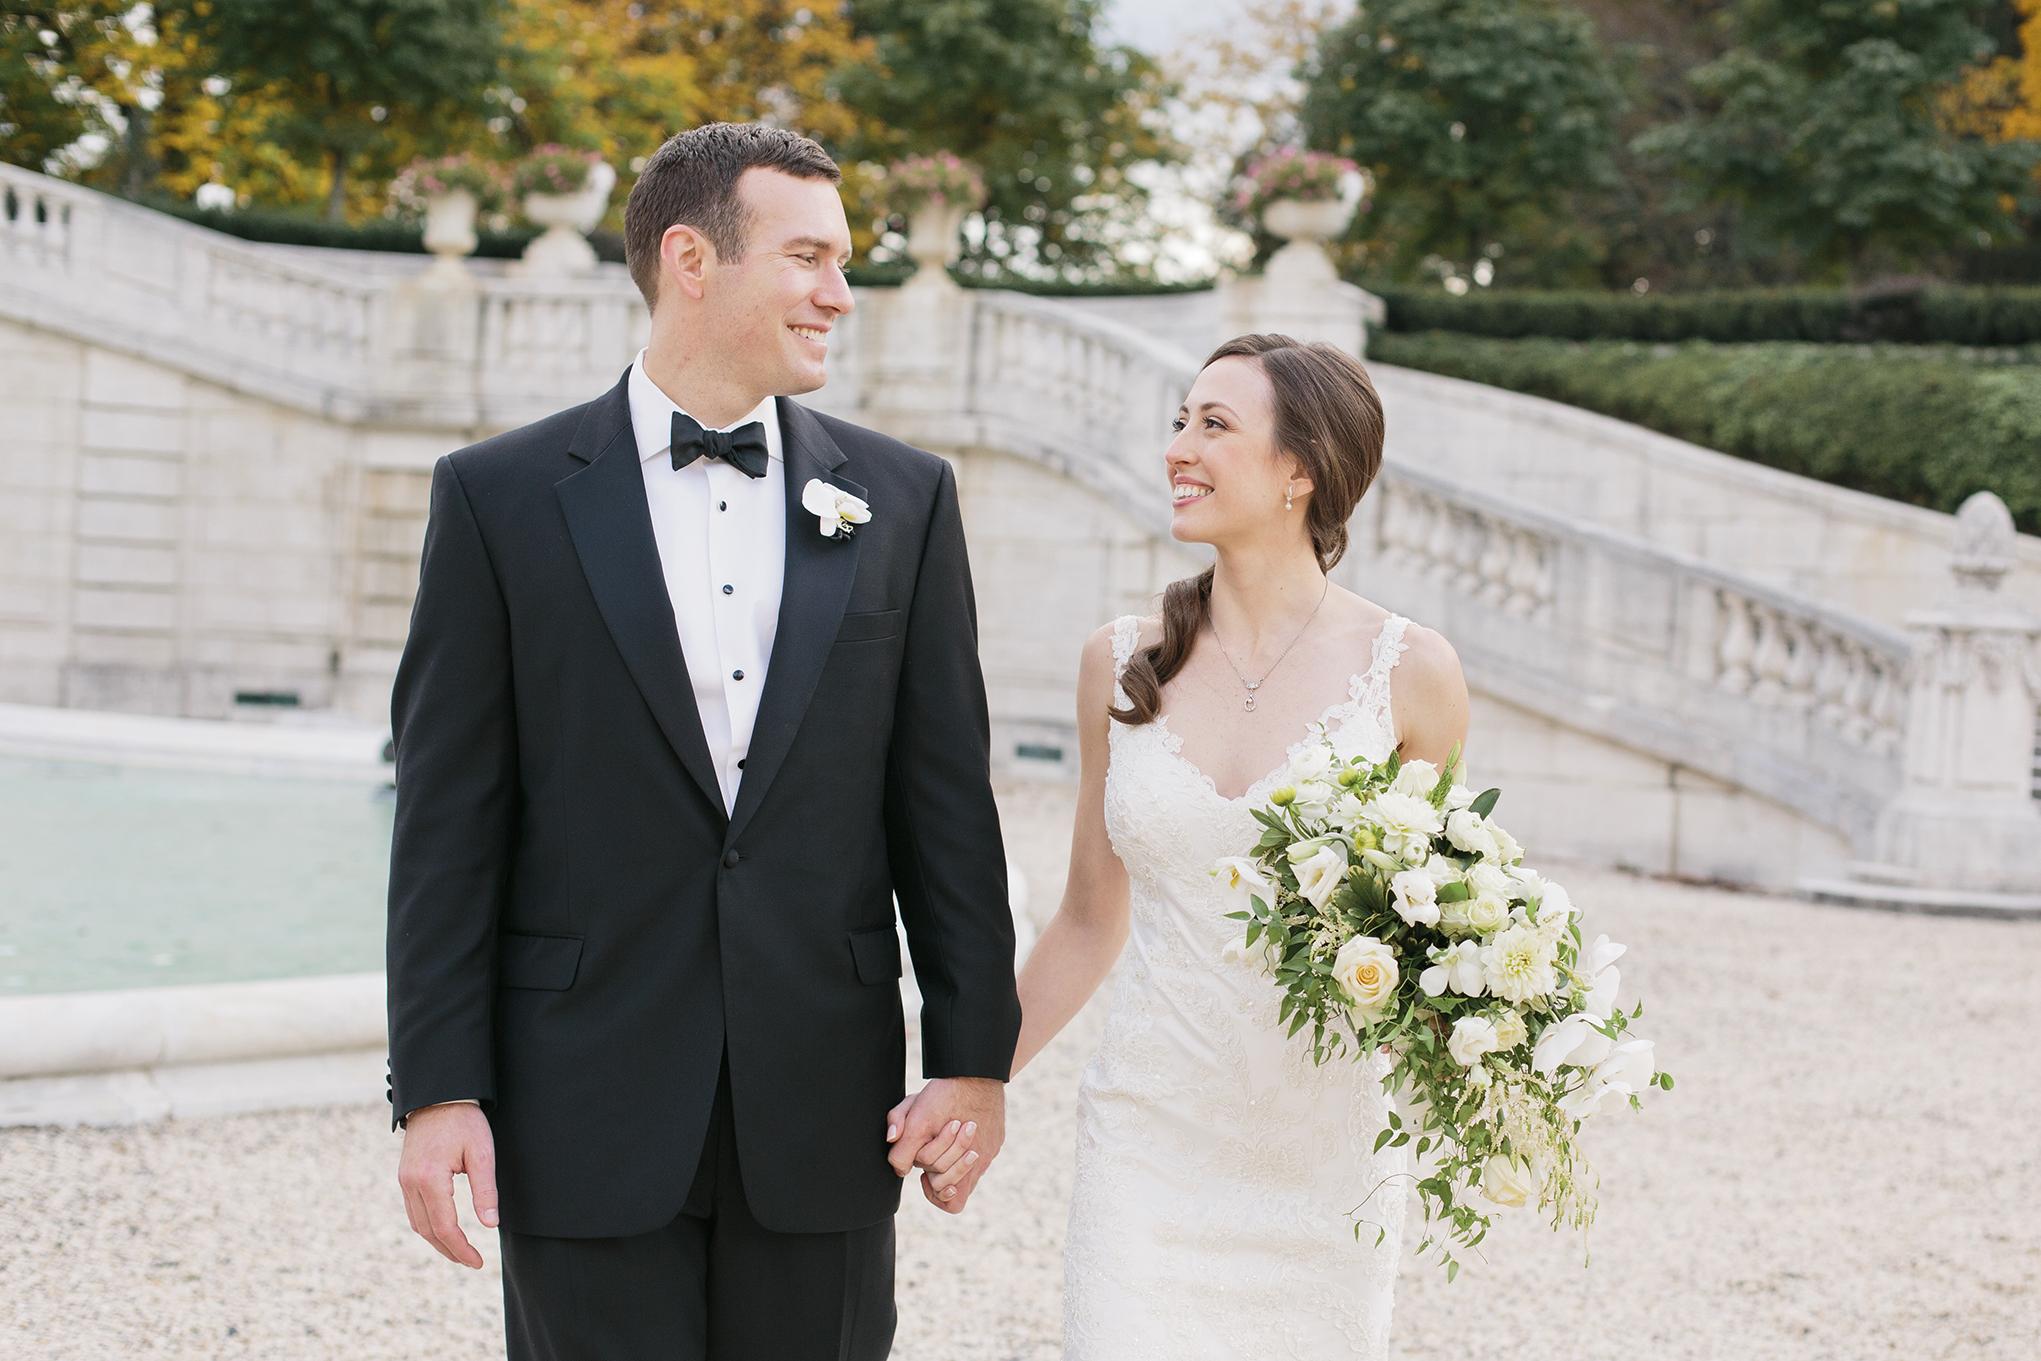 Nemours-Delaware-Art-Museum-Fall-Film-Wedding-Photographer-045.jpg